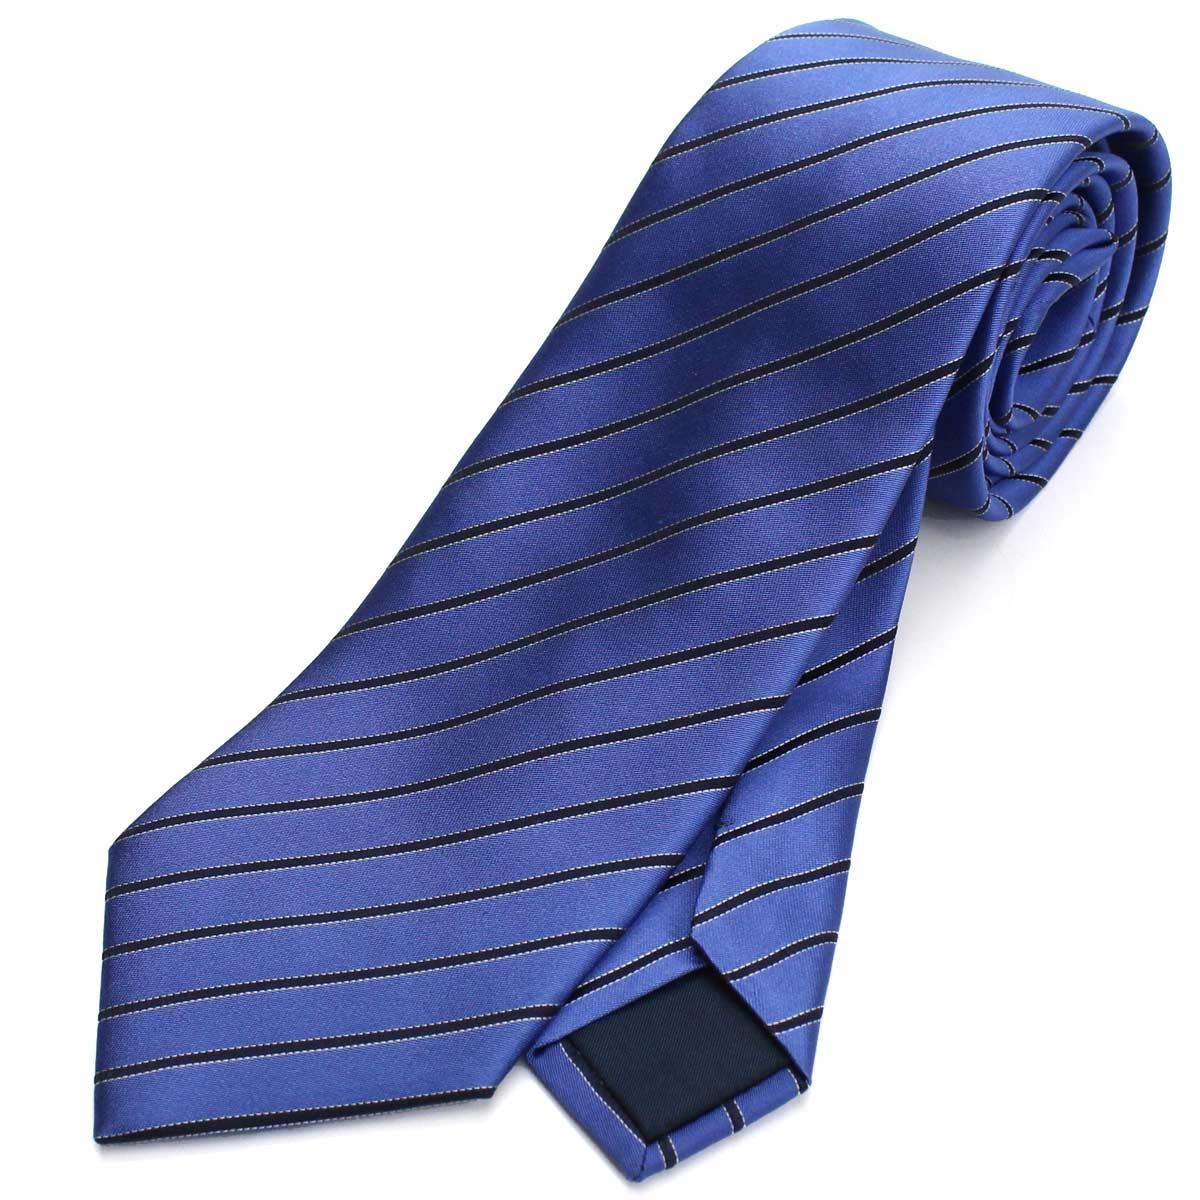 ランバン LANVIN ストライプ柄 ネクタイ 通常幅 レギュラータイ 2231/2 ブルー メンズ【キャッシュレス 5% 還元】